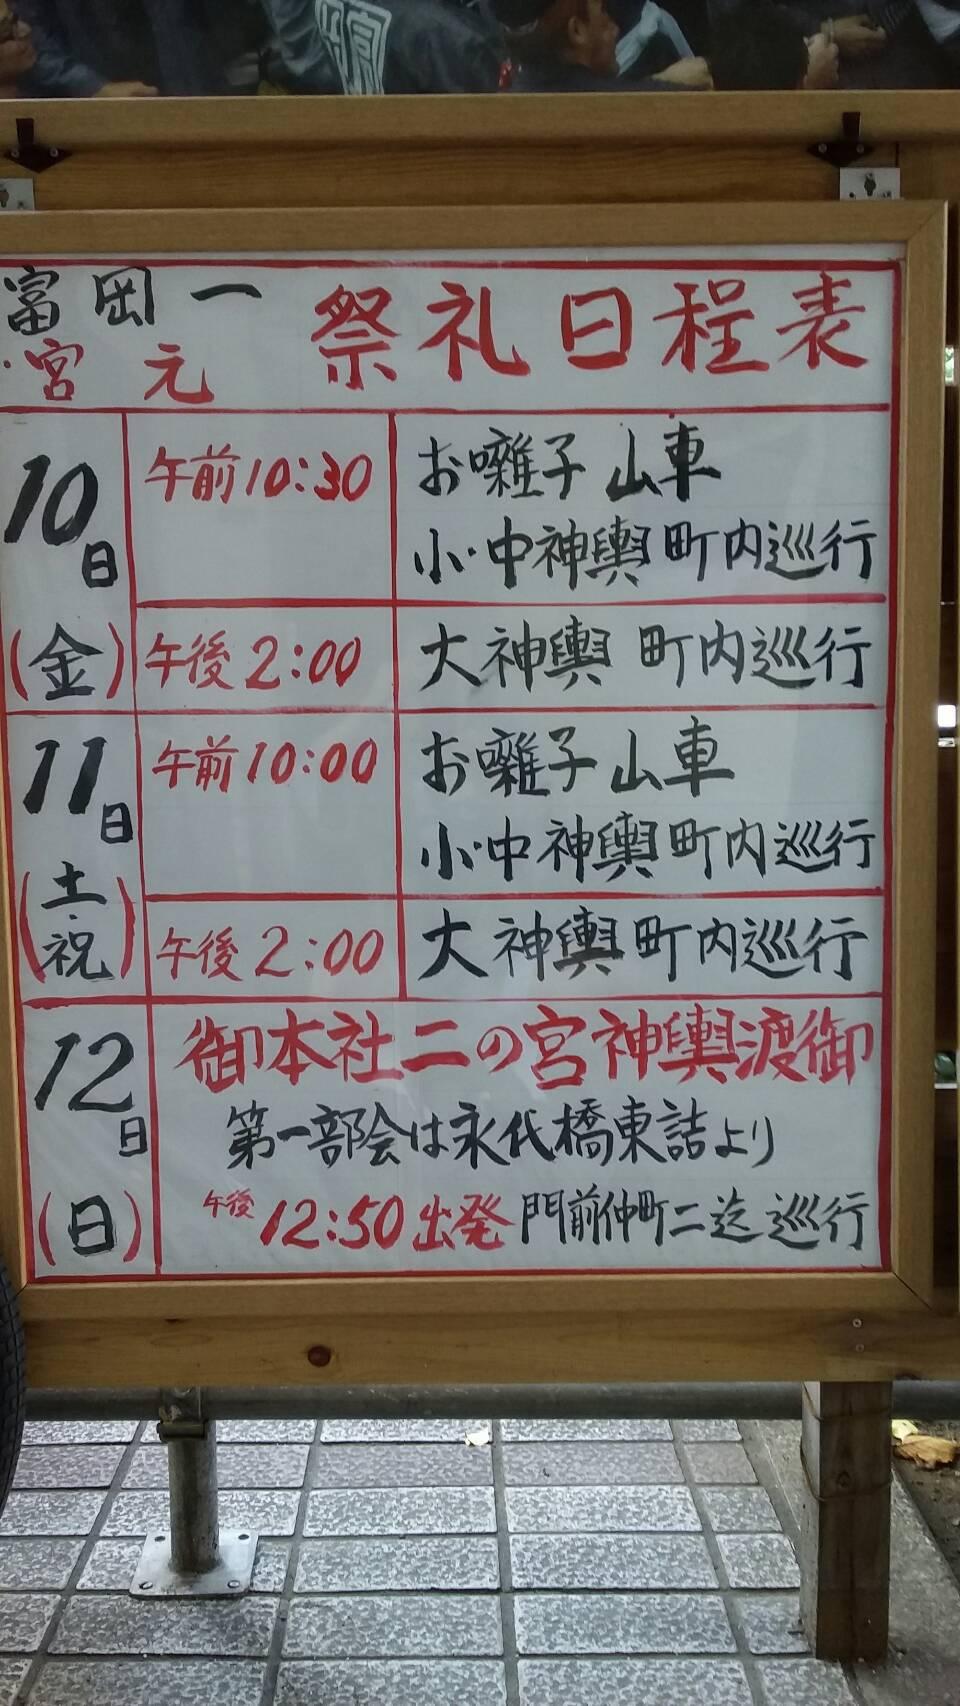 平成30年宮元祭礼日程表